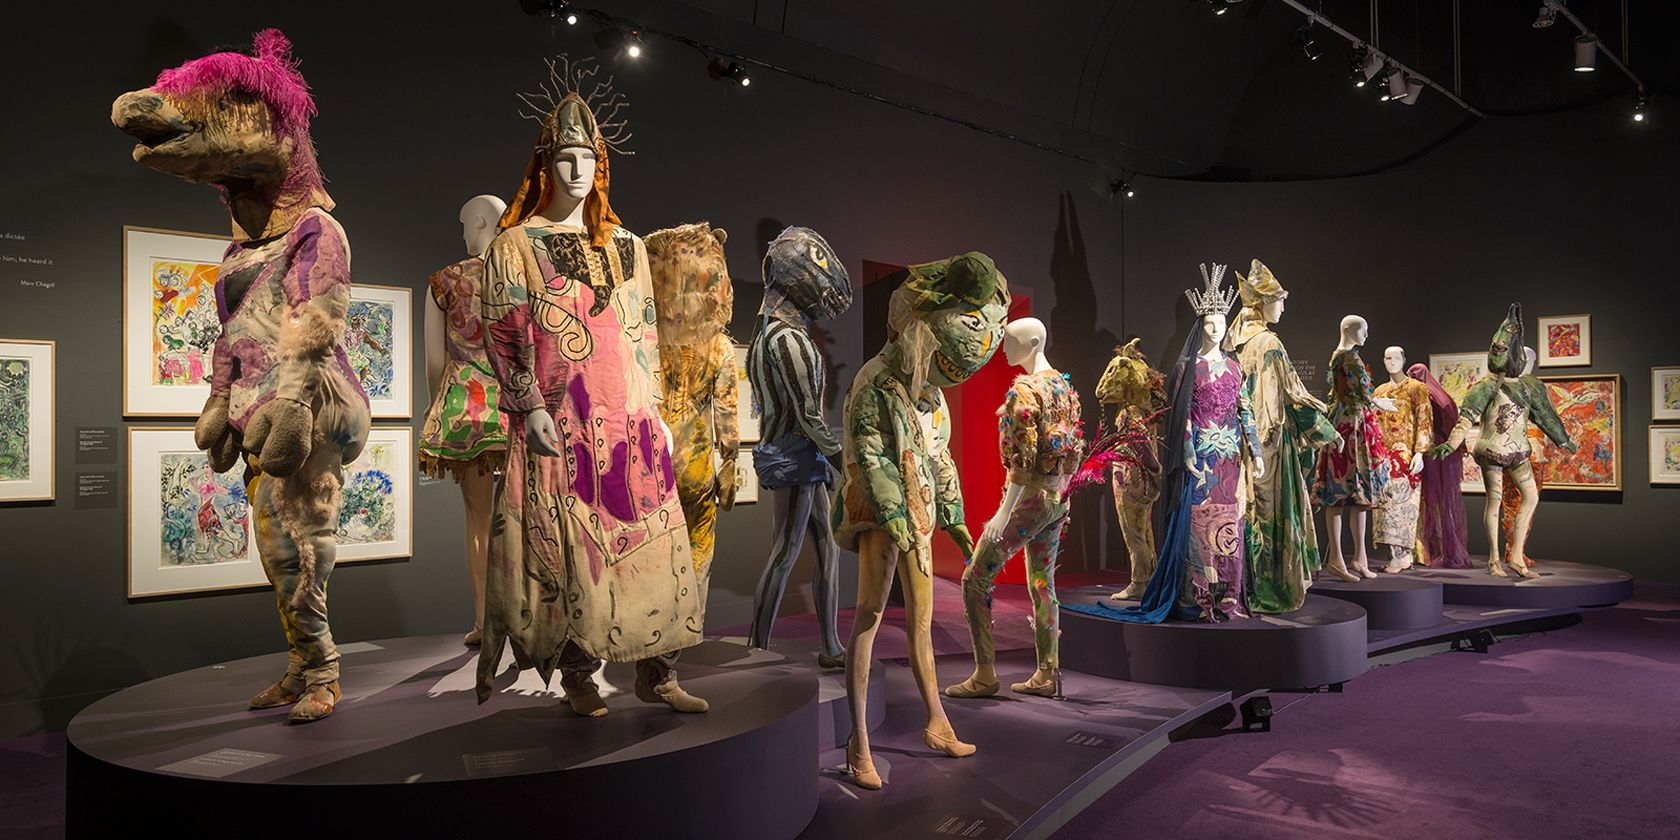 Chagall : Couleur et musique - Musée des beaux-arts de Montréal